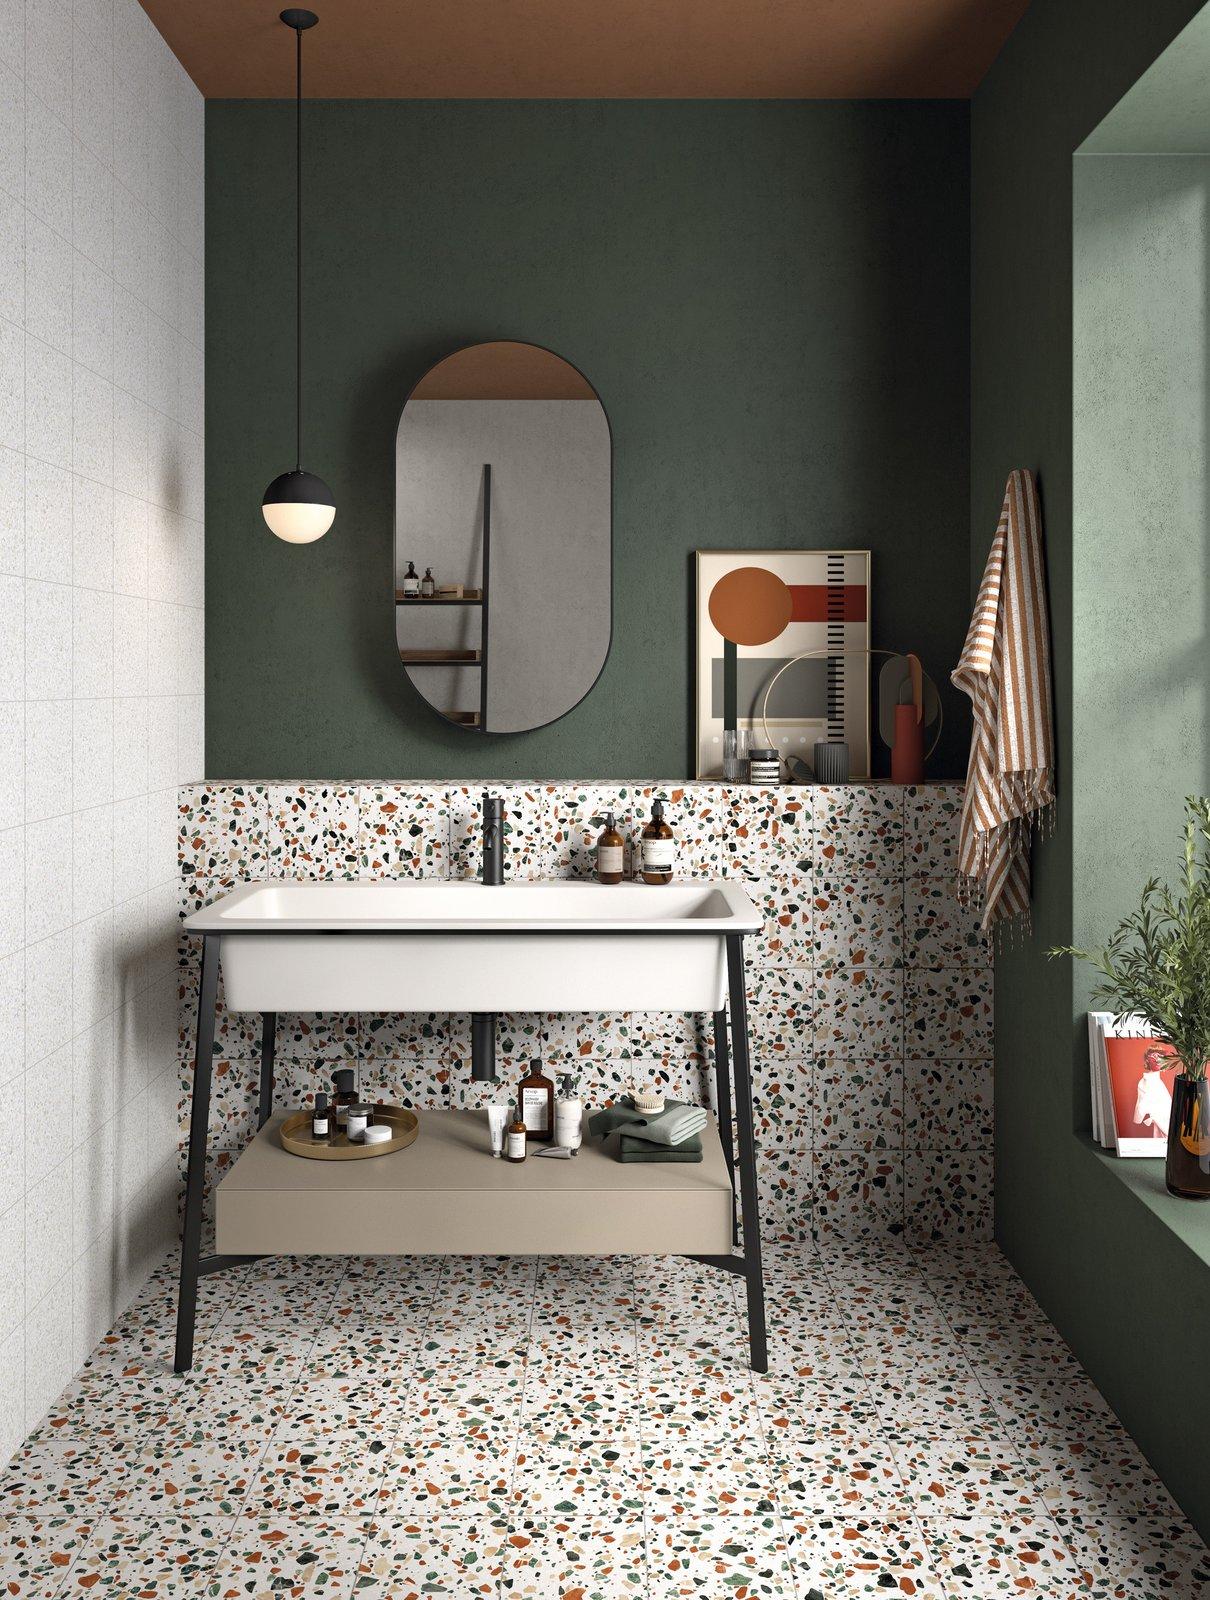 Zielona łazienka z płytkami w lastryko